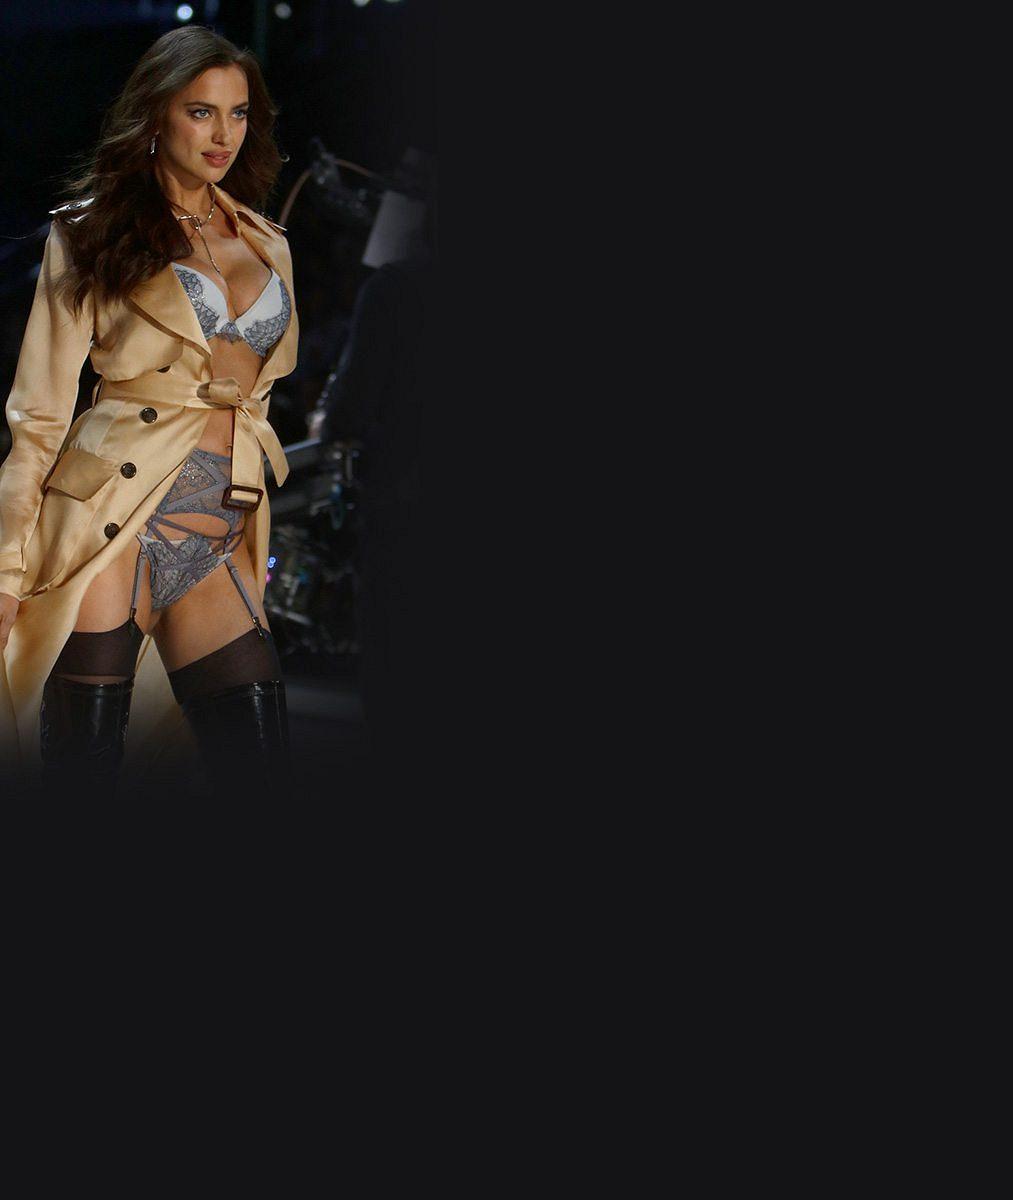 Těhotná Irina Shayk šla nakupovat s šíleně vyzáblým andílkem Victoria's Secret. Tohle zavání anorexií